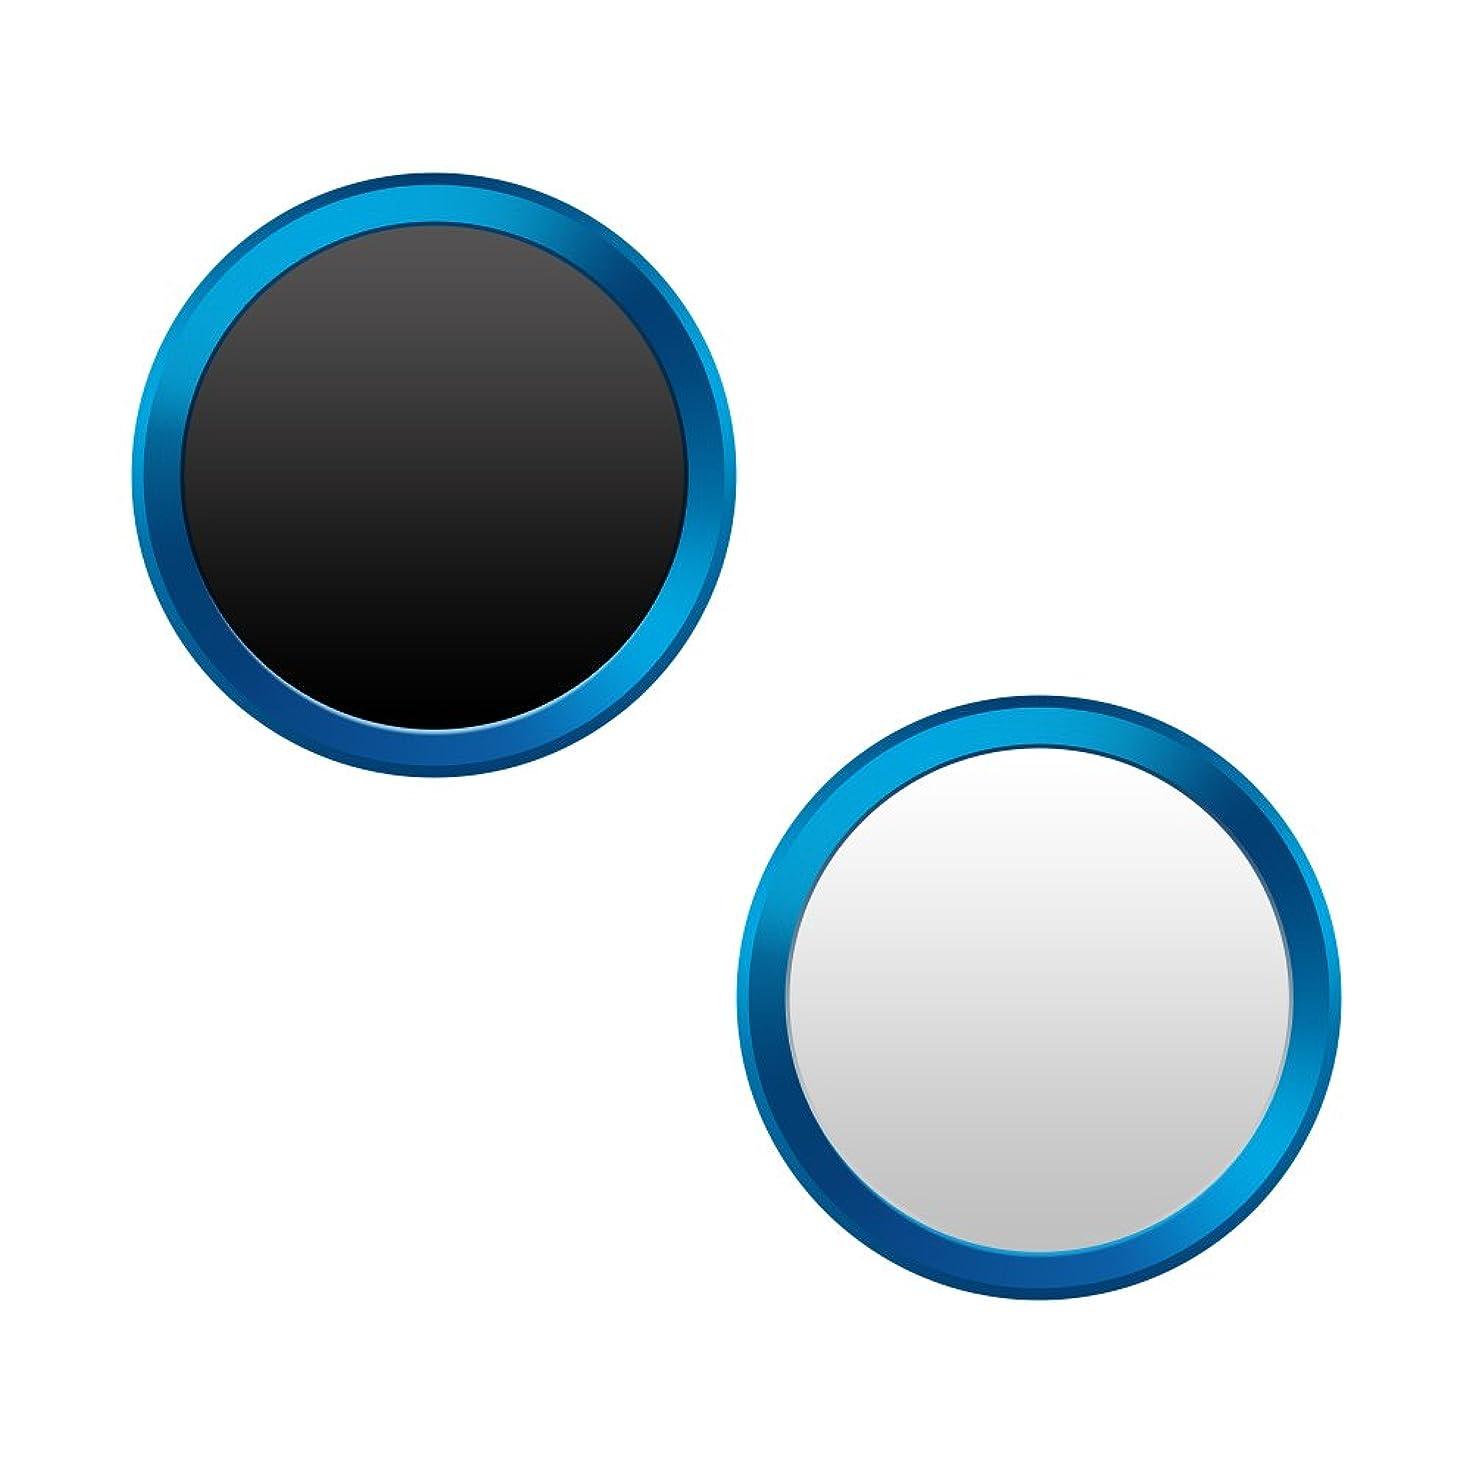 変形する調子標準M's Select. iFinger Button 指紋認証対応 ホームボタンシール ホワイトシルバー iPhone6 iPhone6Plus iPhone5S 対応 MS-IFVB-WS